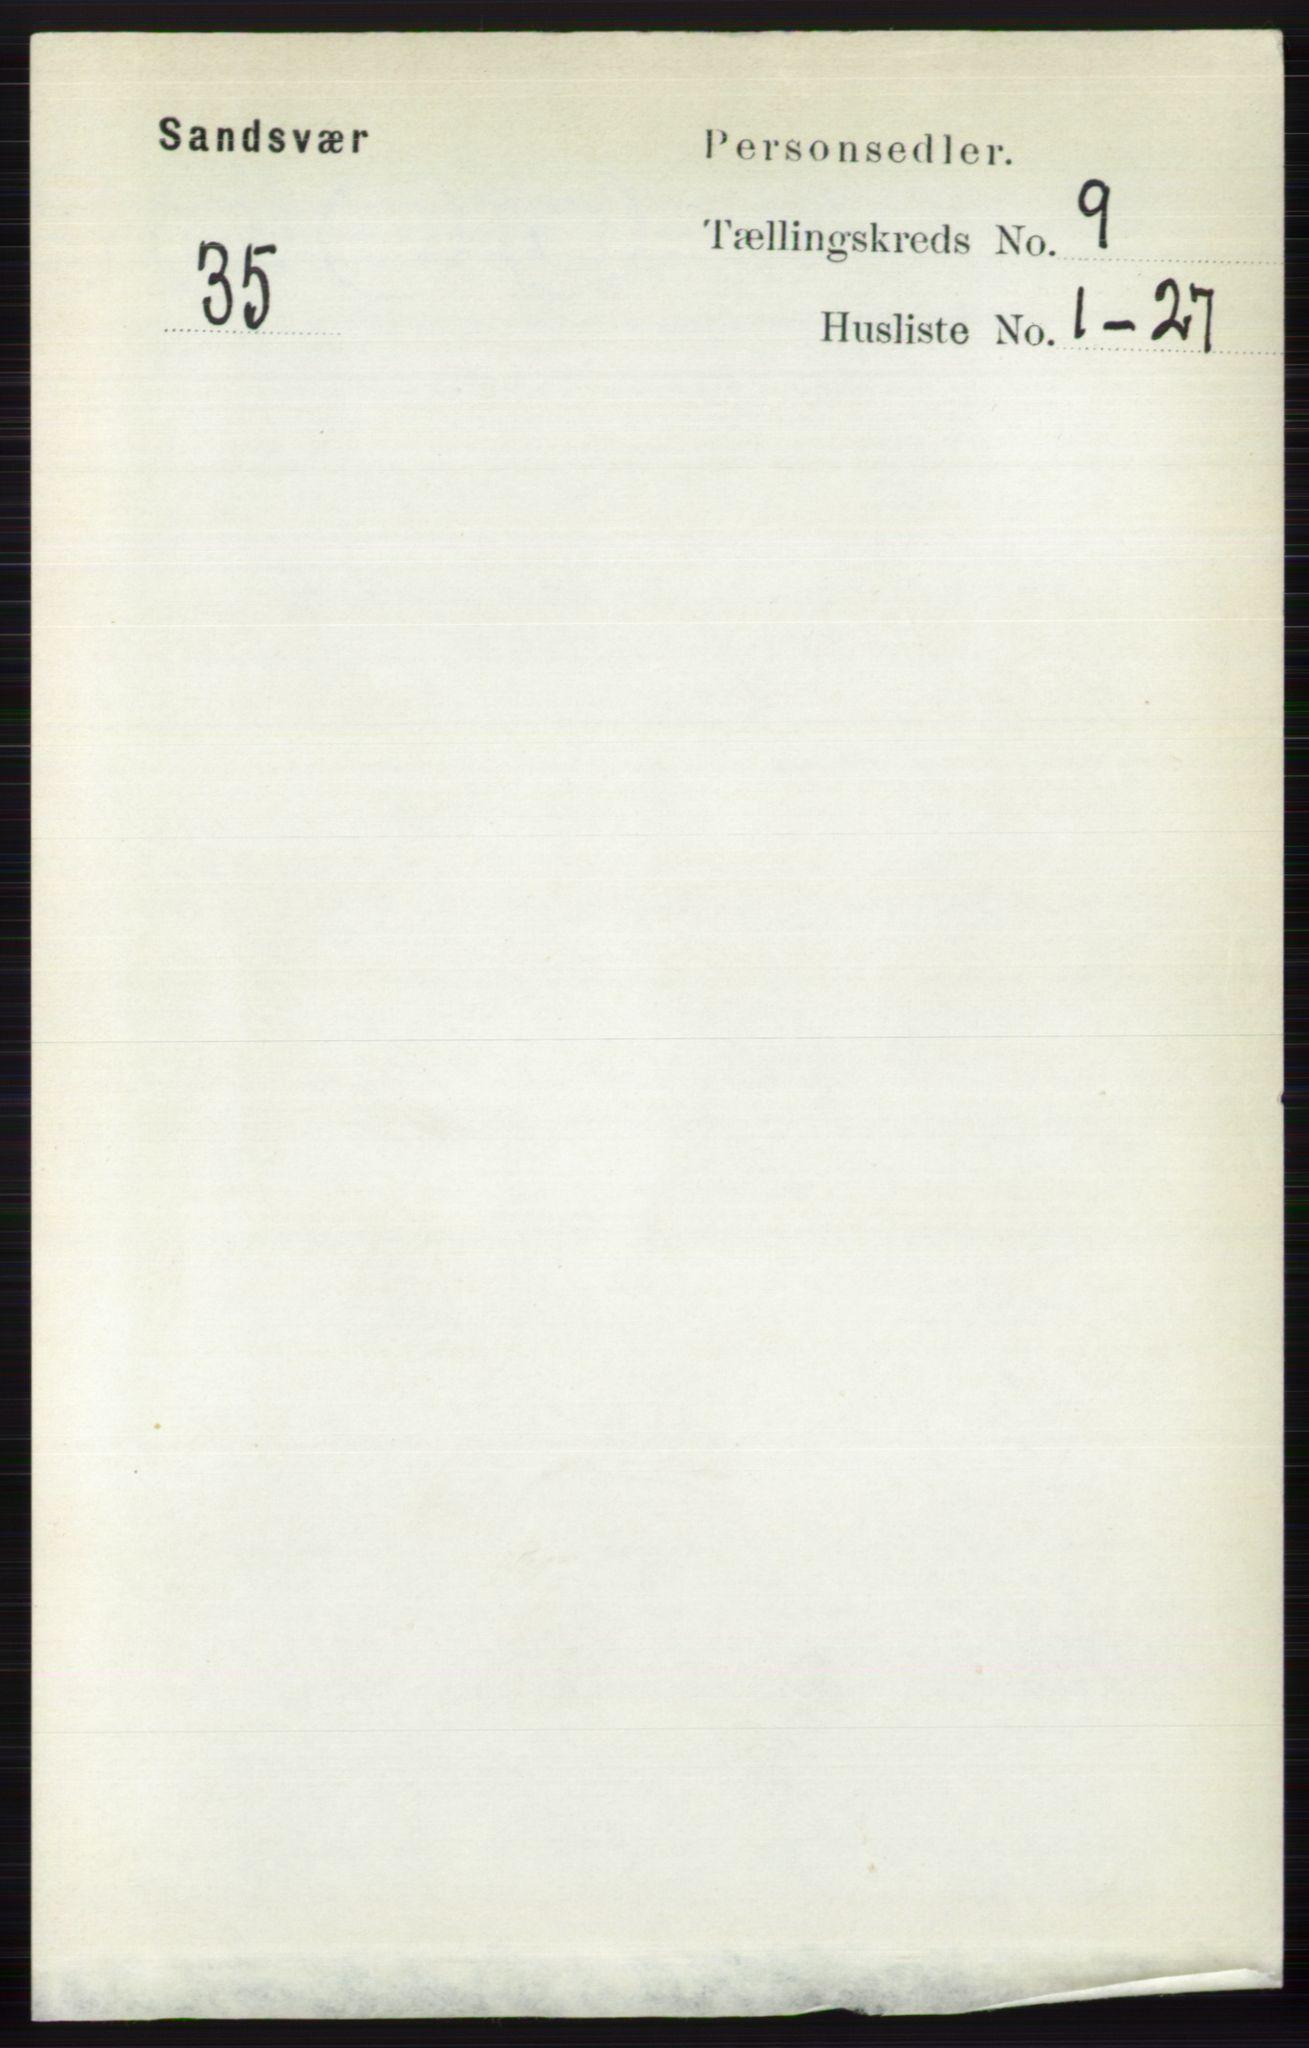 RA, Folketelling 1891 for 0629 Sandsvær herred, 1891, s. 4427